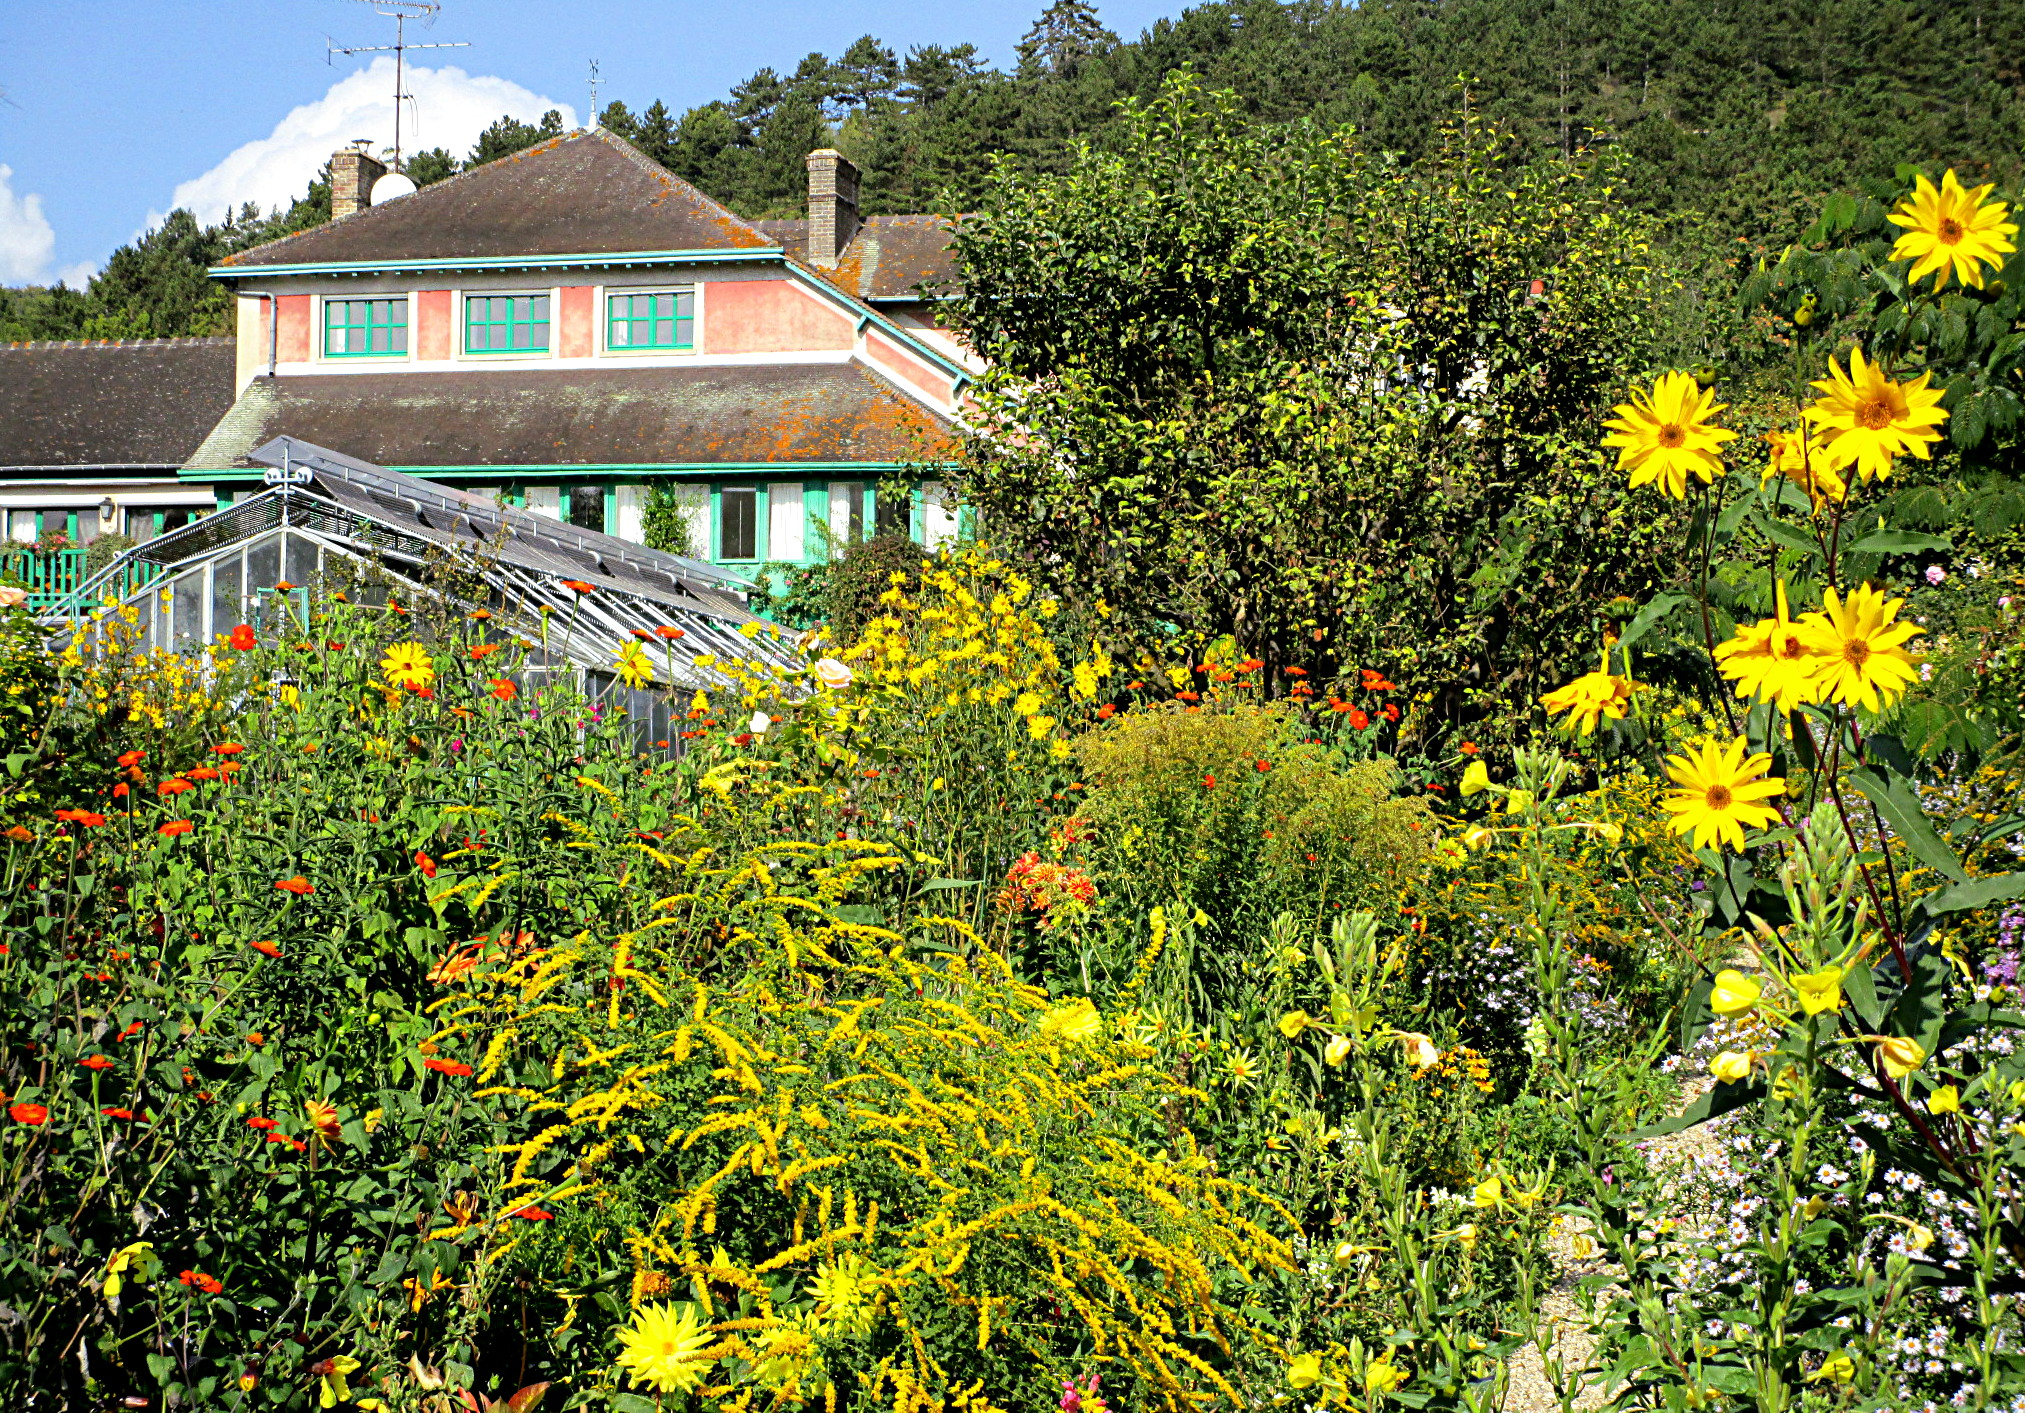 La maison de Claude Monet et son jardin  Giverny